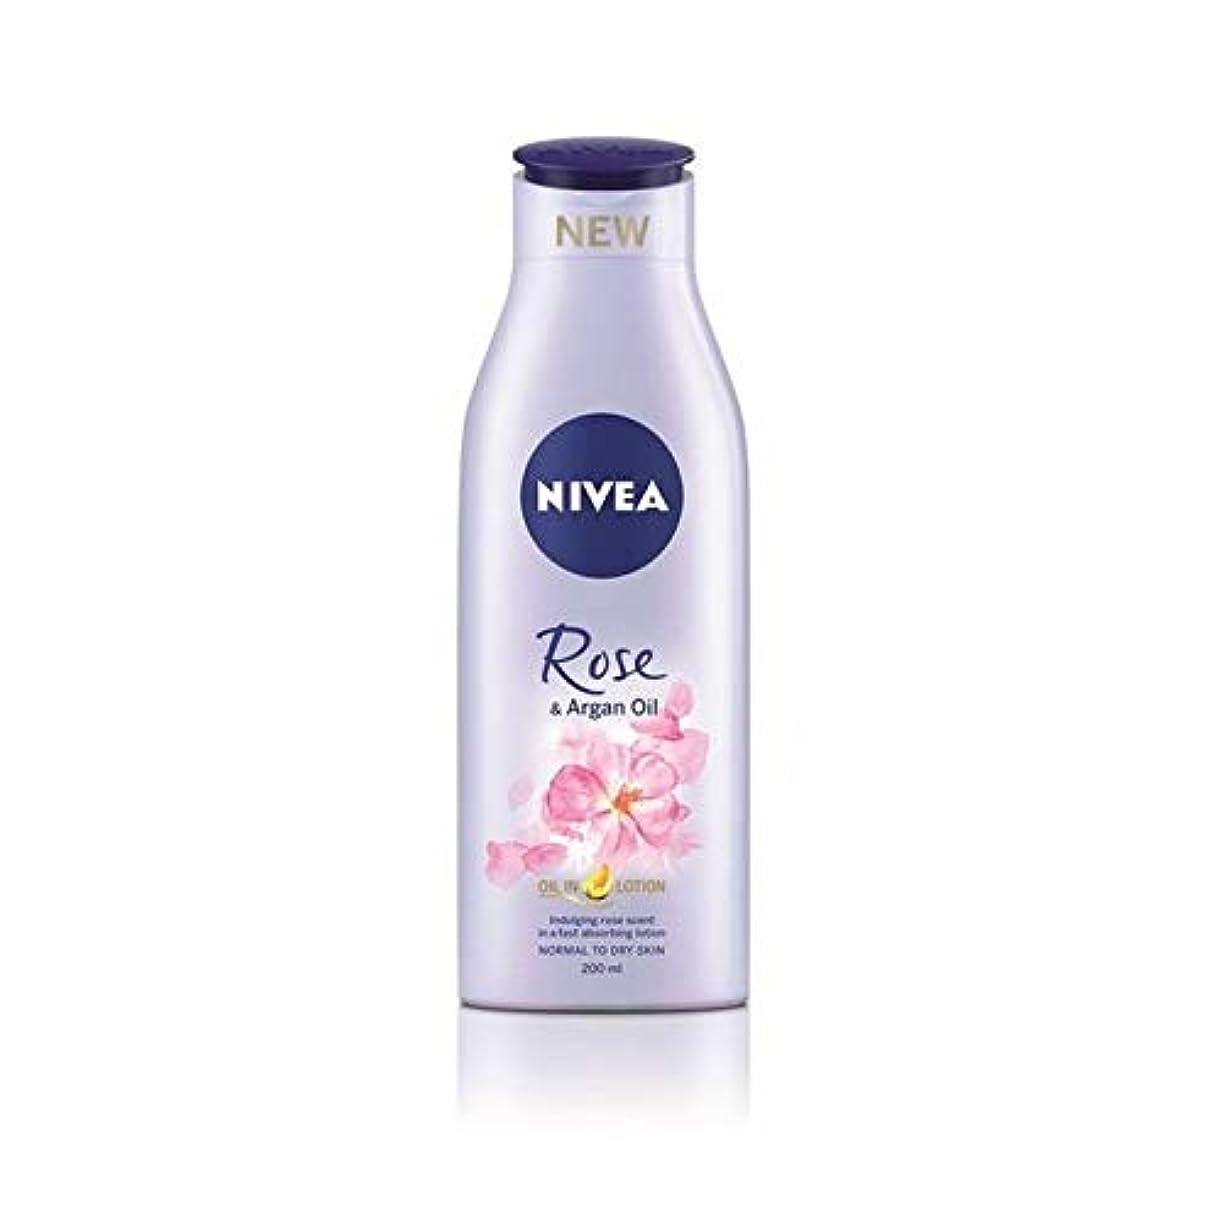 失業者気まぐれな奇跡的な[Nivea ] ニベアは、ローズ&アルガンオイルボディローション200Ml - Nivea Rose & Argan Oil Body Lotion 200ml [並行輸入品]